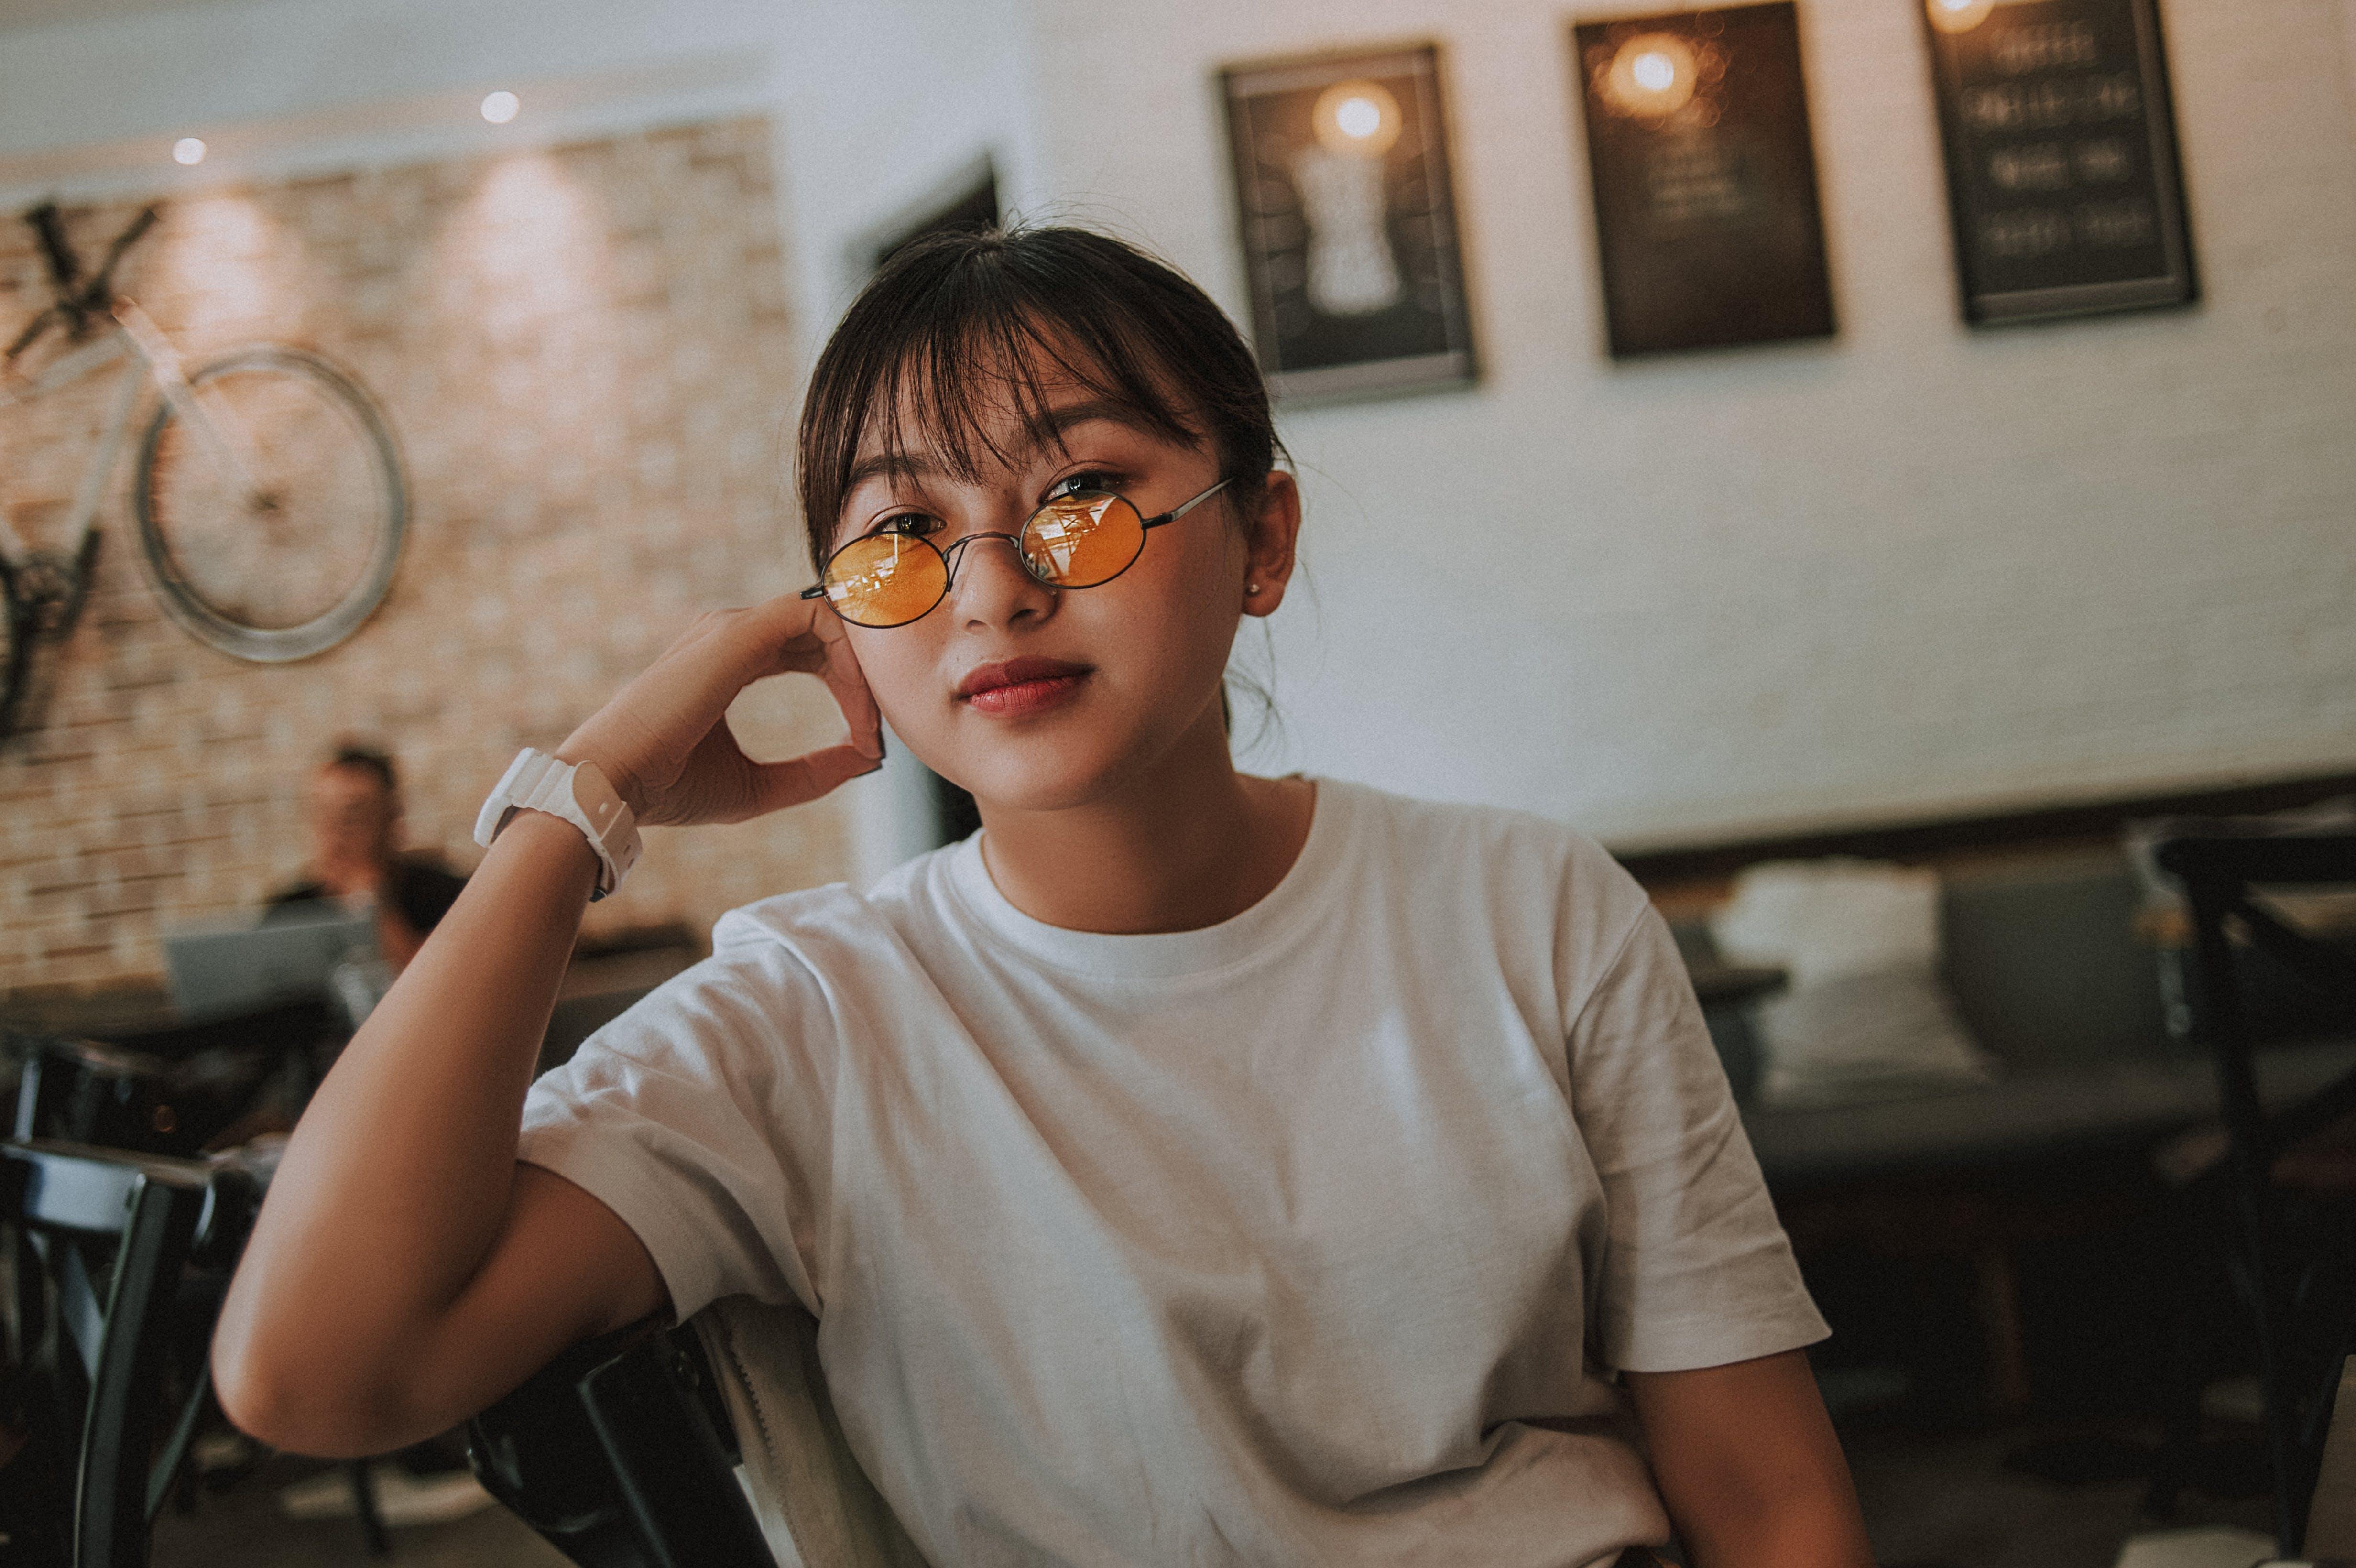 Woman Sitting Wearing Sunglasses